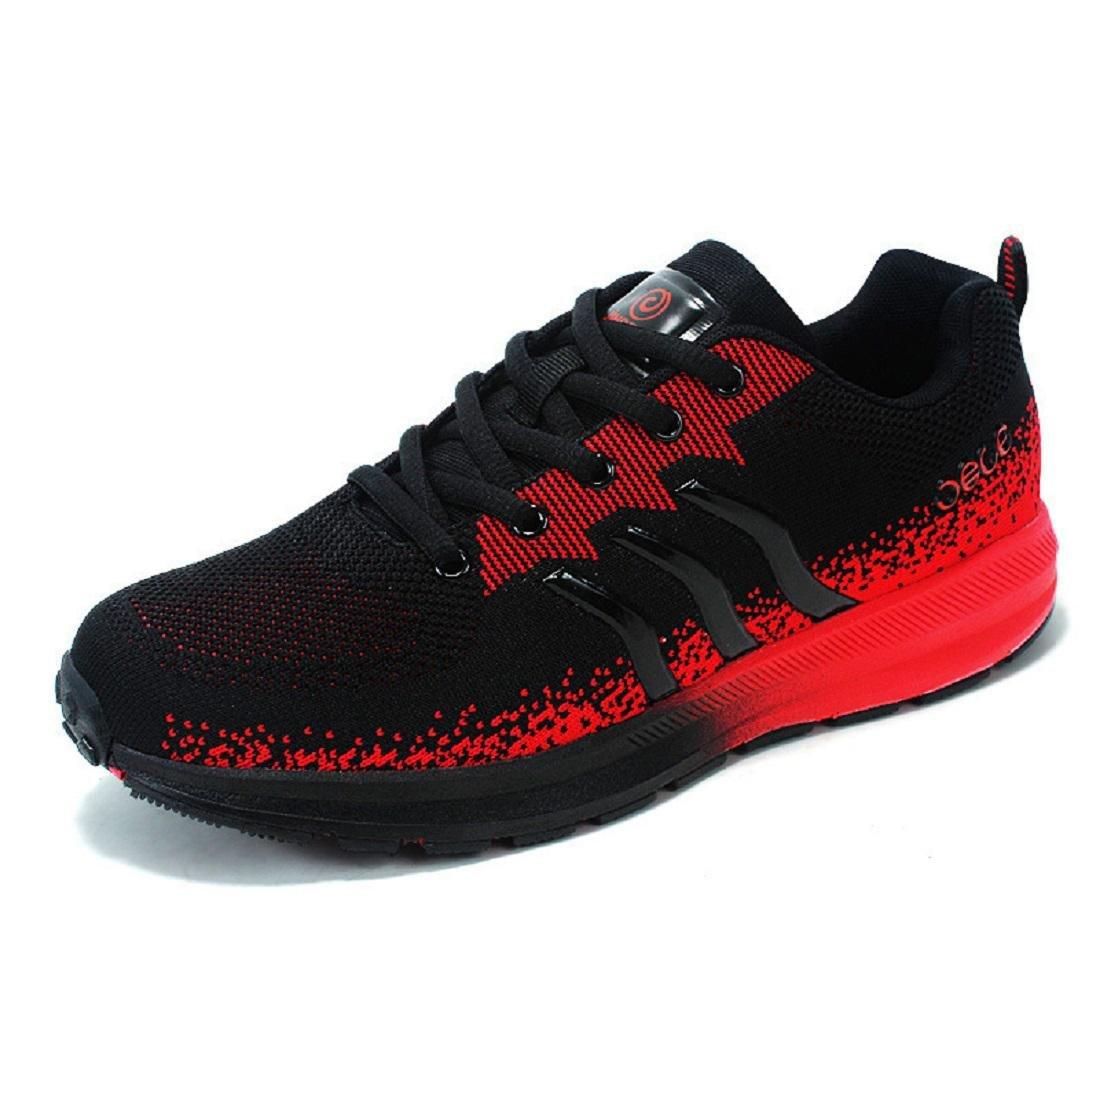 Herren Mode Mode Mode Sportschuhe Draussen Laufschuhe Trainer Basketball Schuhe Rutschfest Wanderschuhe Schuhe erhöhen EUR GRÖSSE 36-46 b5de79